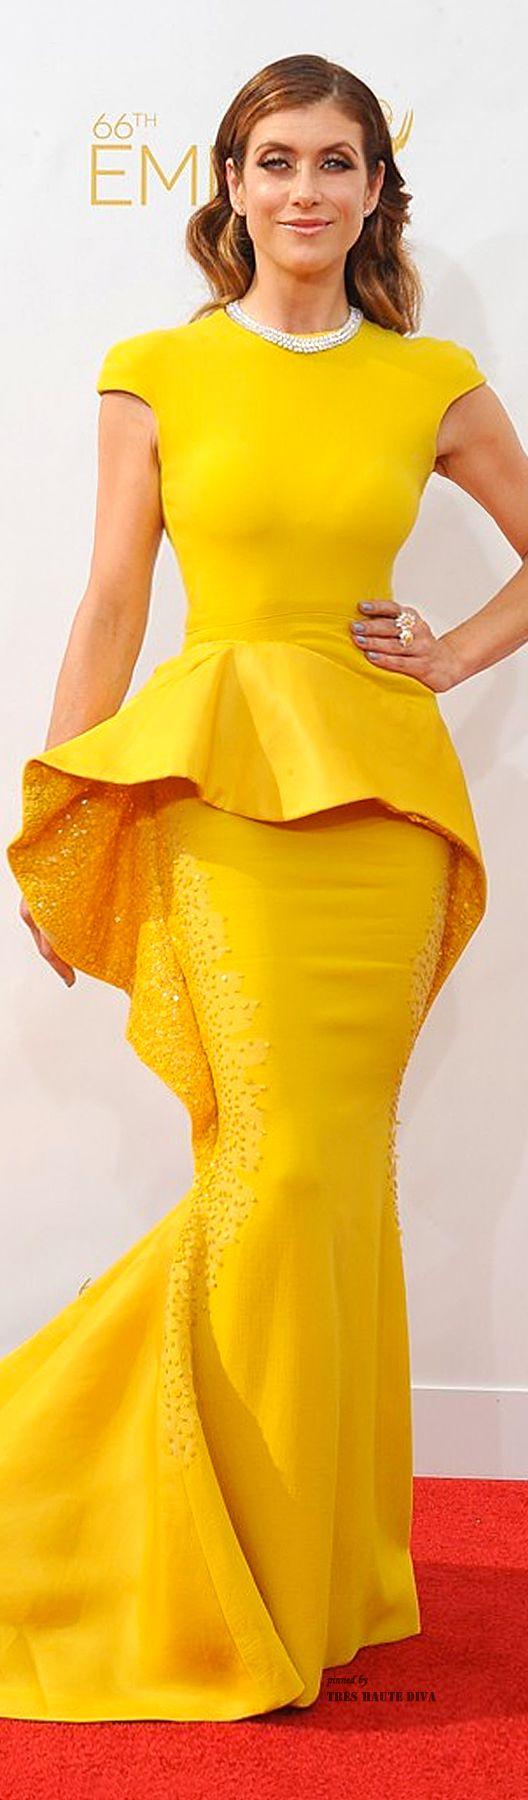 Best 25 peplum dresses ideas on pinterest peplum dress for Yellow maxi dress for wedding